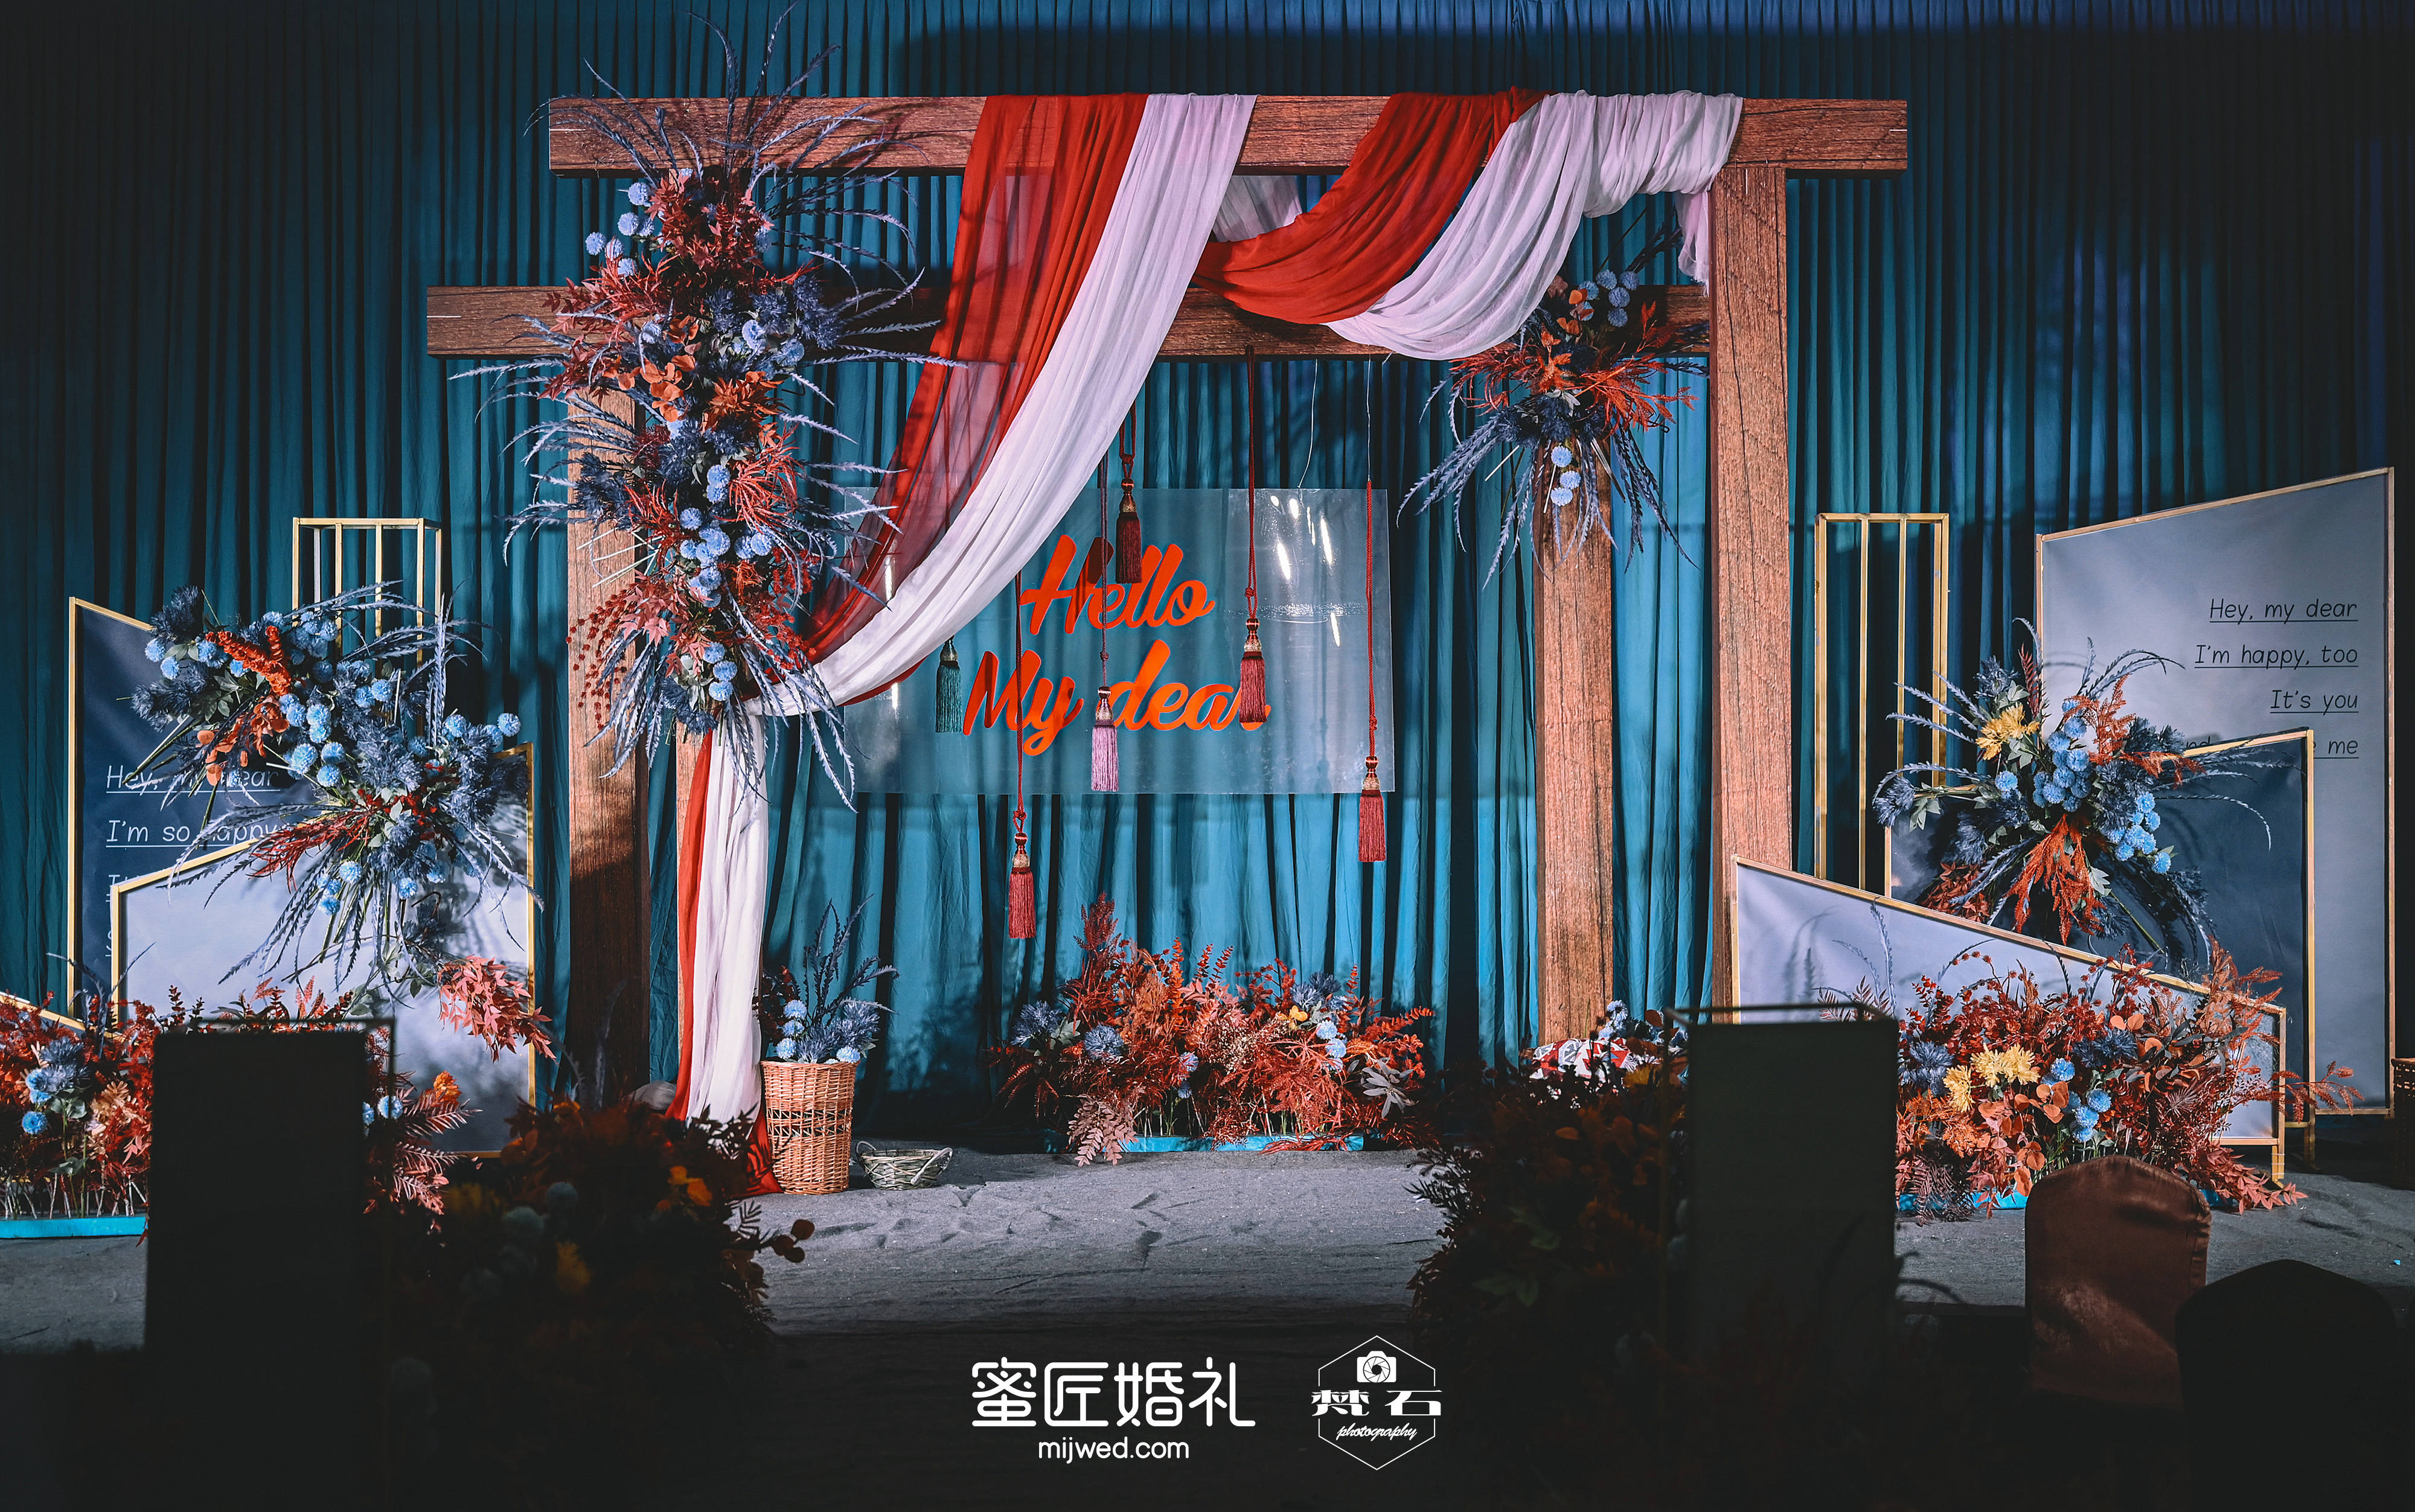 夏邑婚庆策划